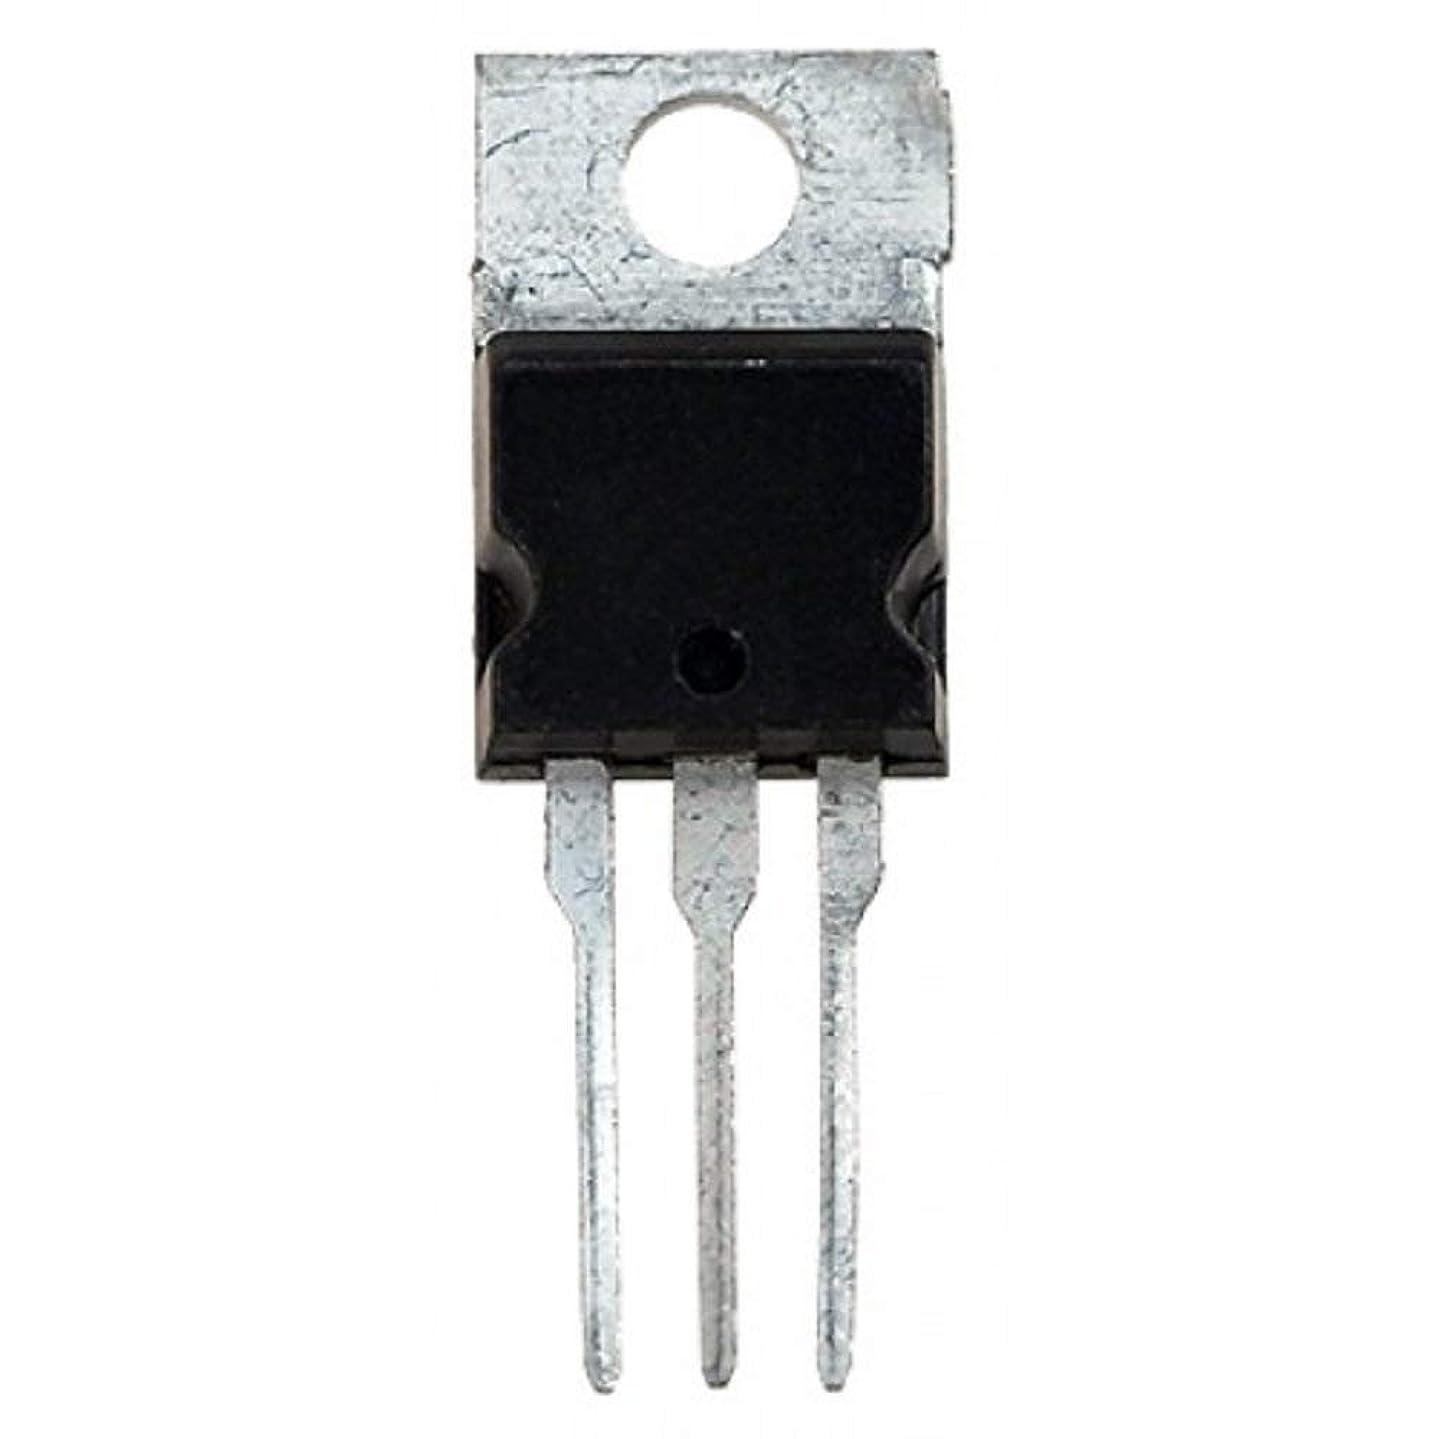 糞ボア無謀KD640IS Military silicon diode USSR 2 pcs